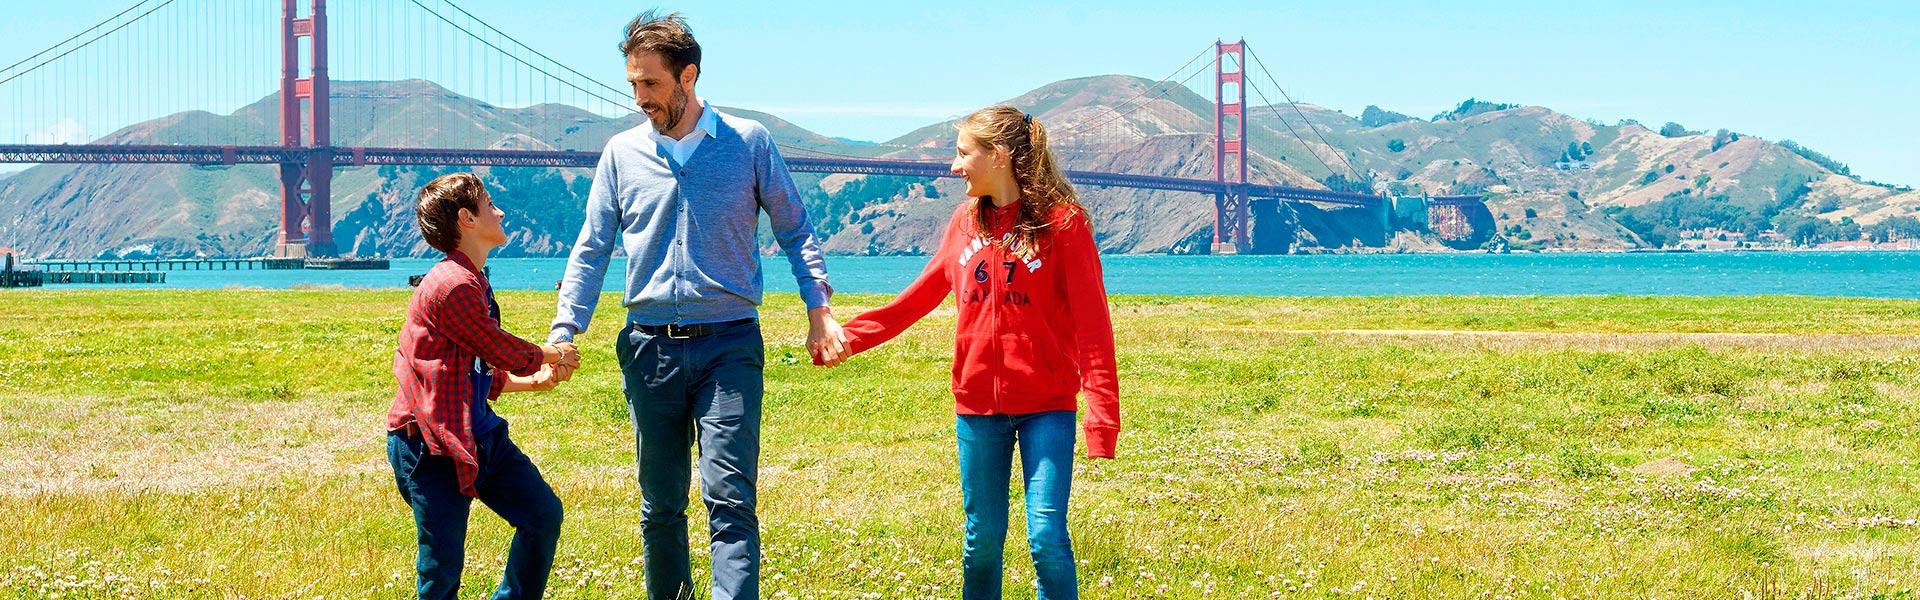 cursos de idiomas en el extranjero para toda la familia